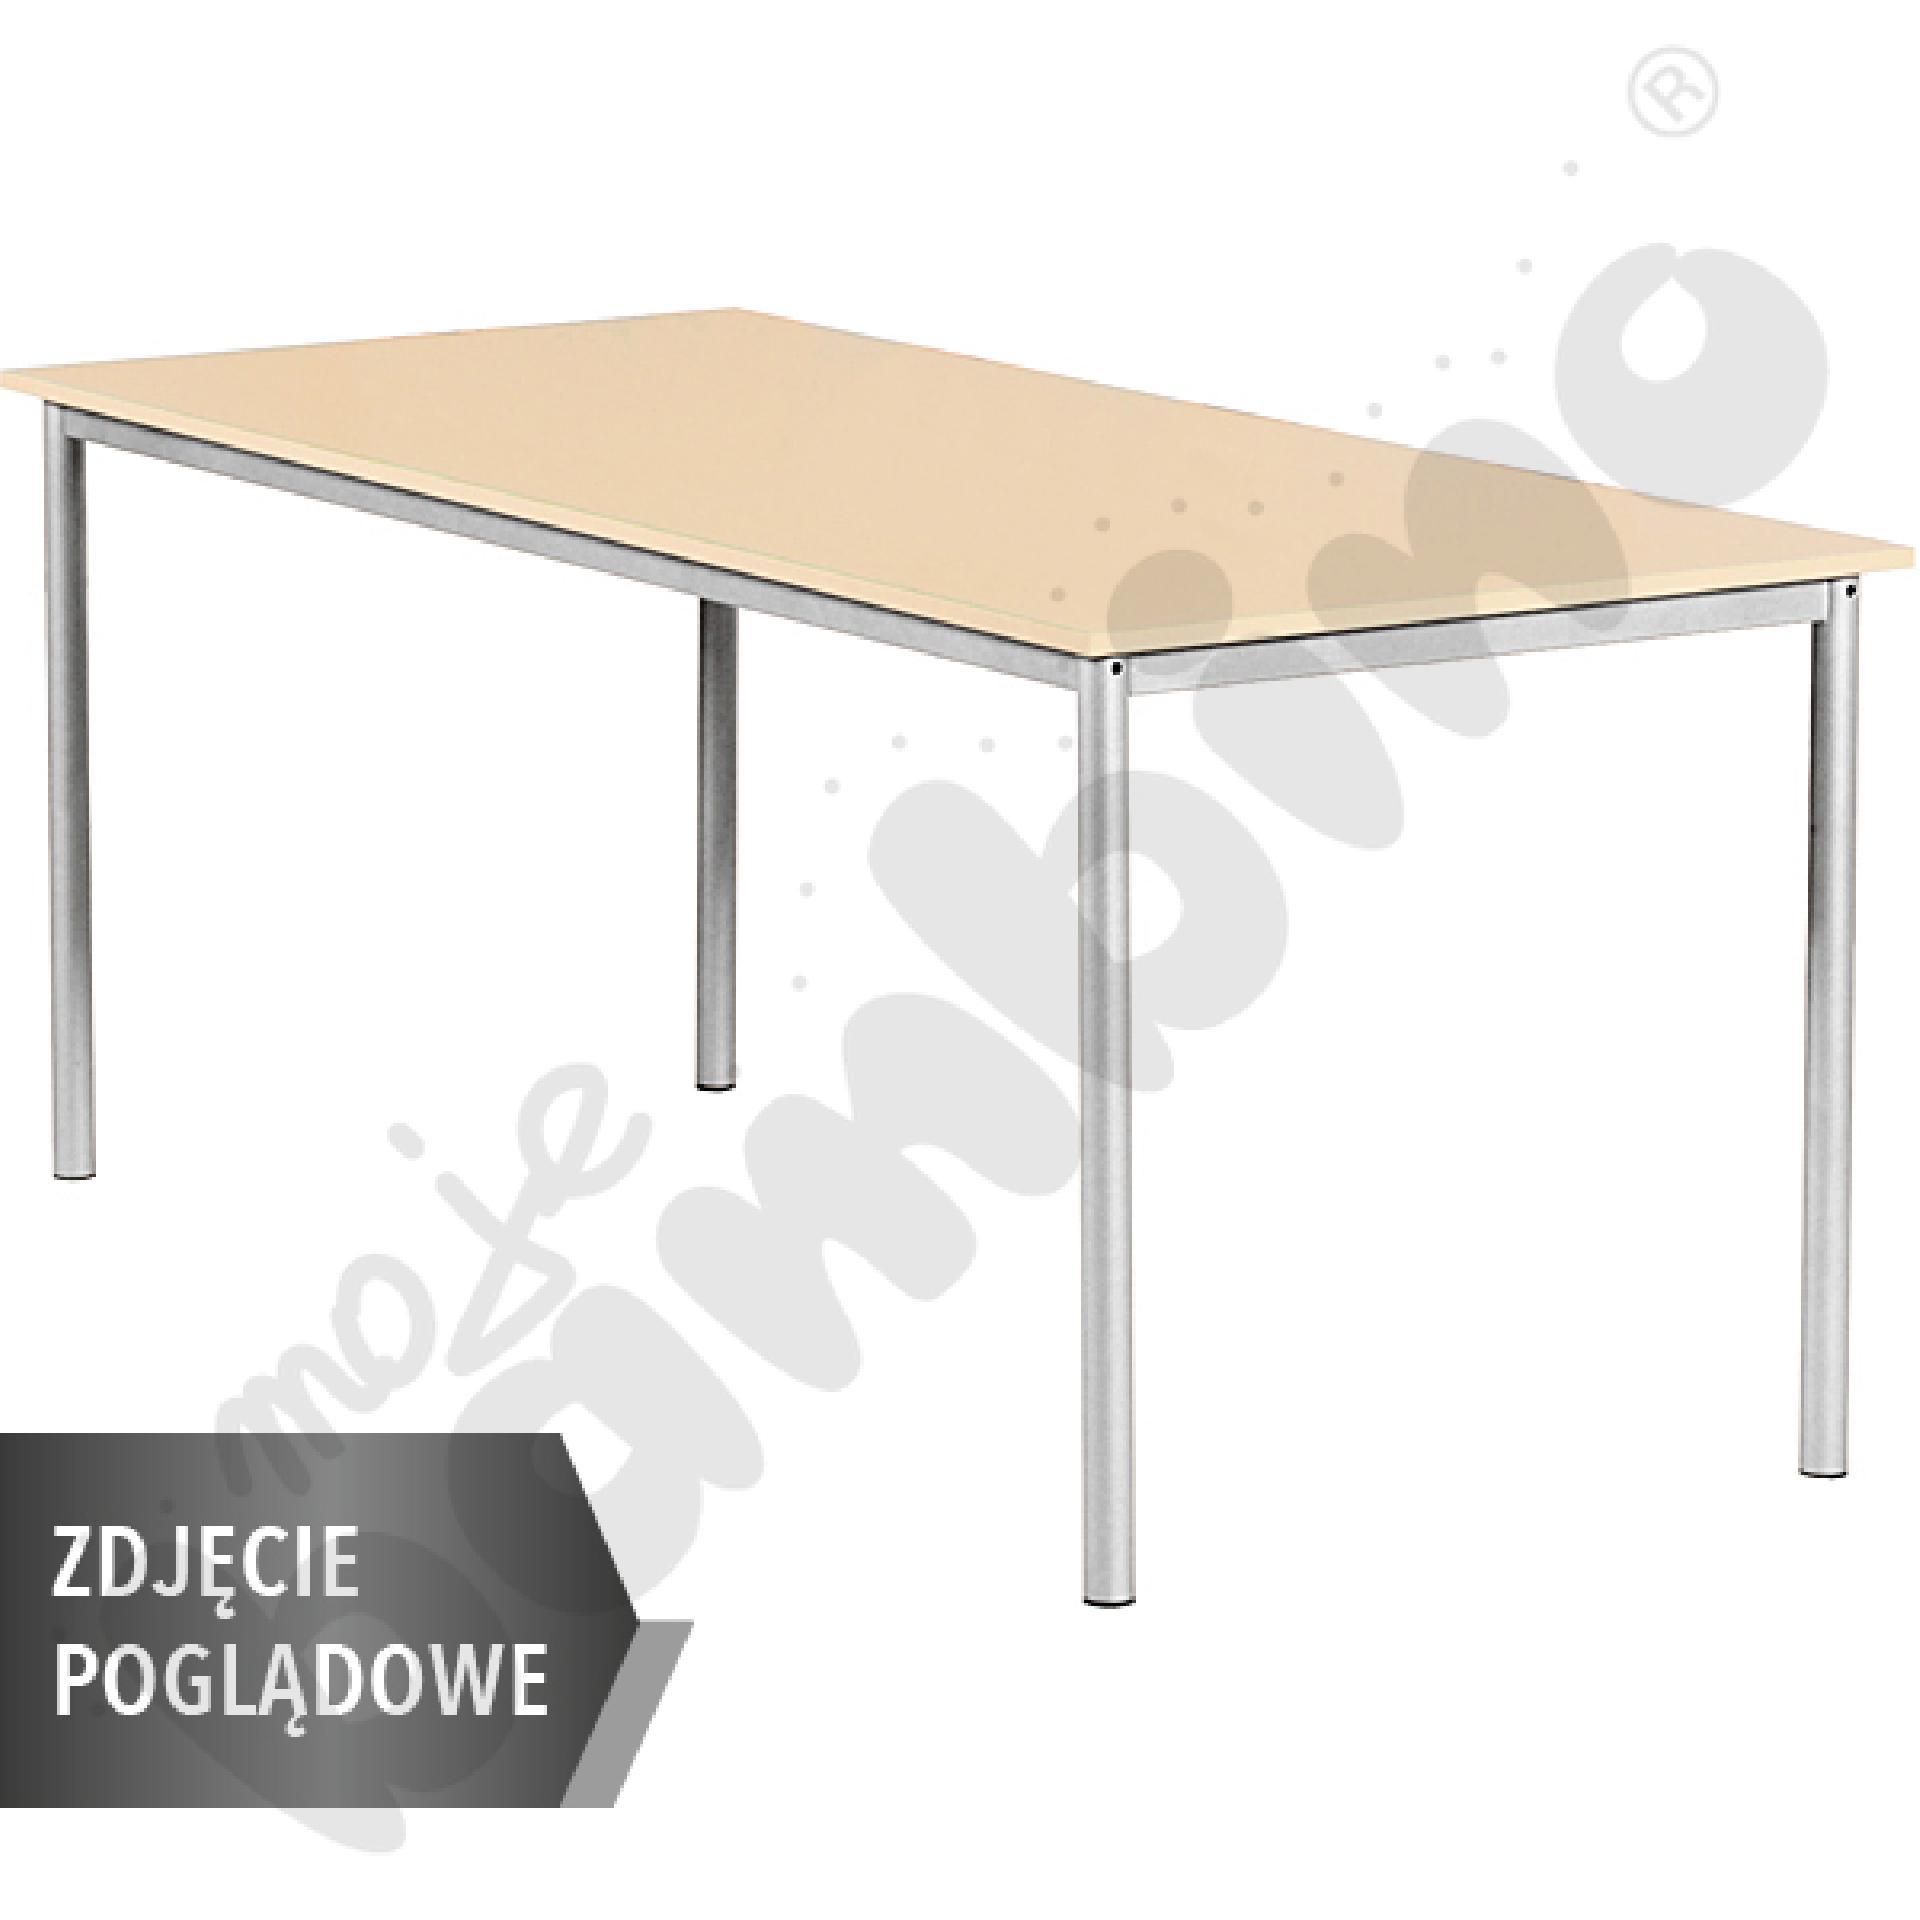 Stół Mila 160x80 rozm. 5, 8os., stelaż czarny, blat brzoza, obrzeże ABS, narożniki proste